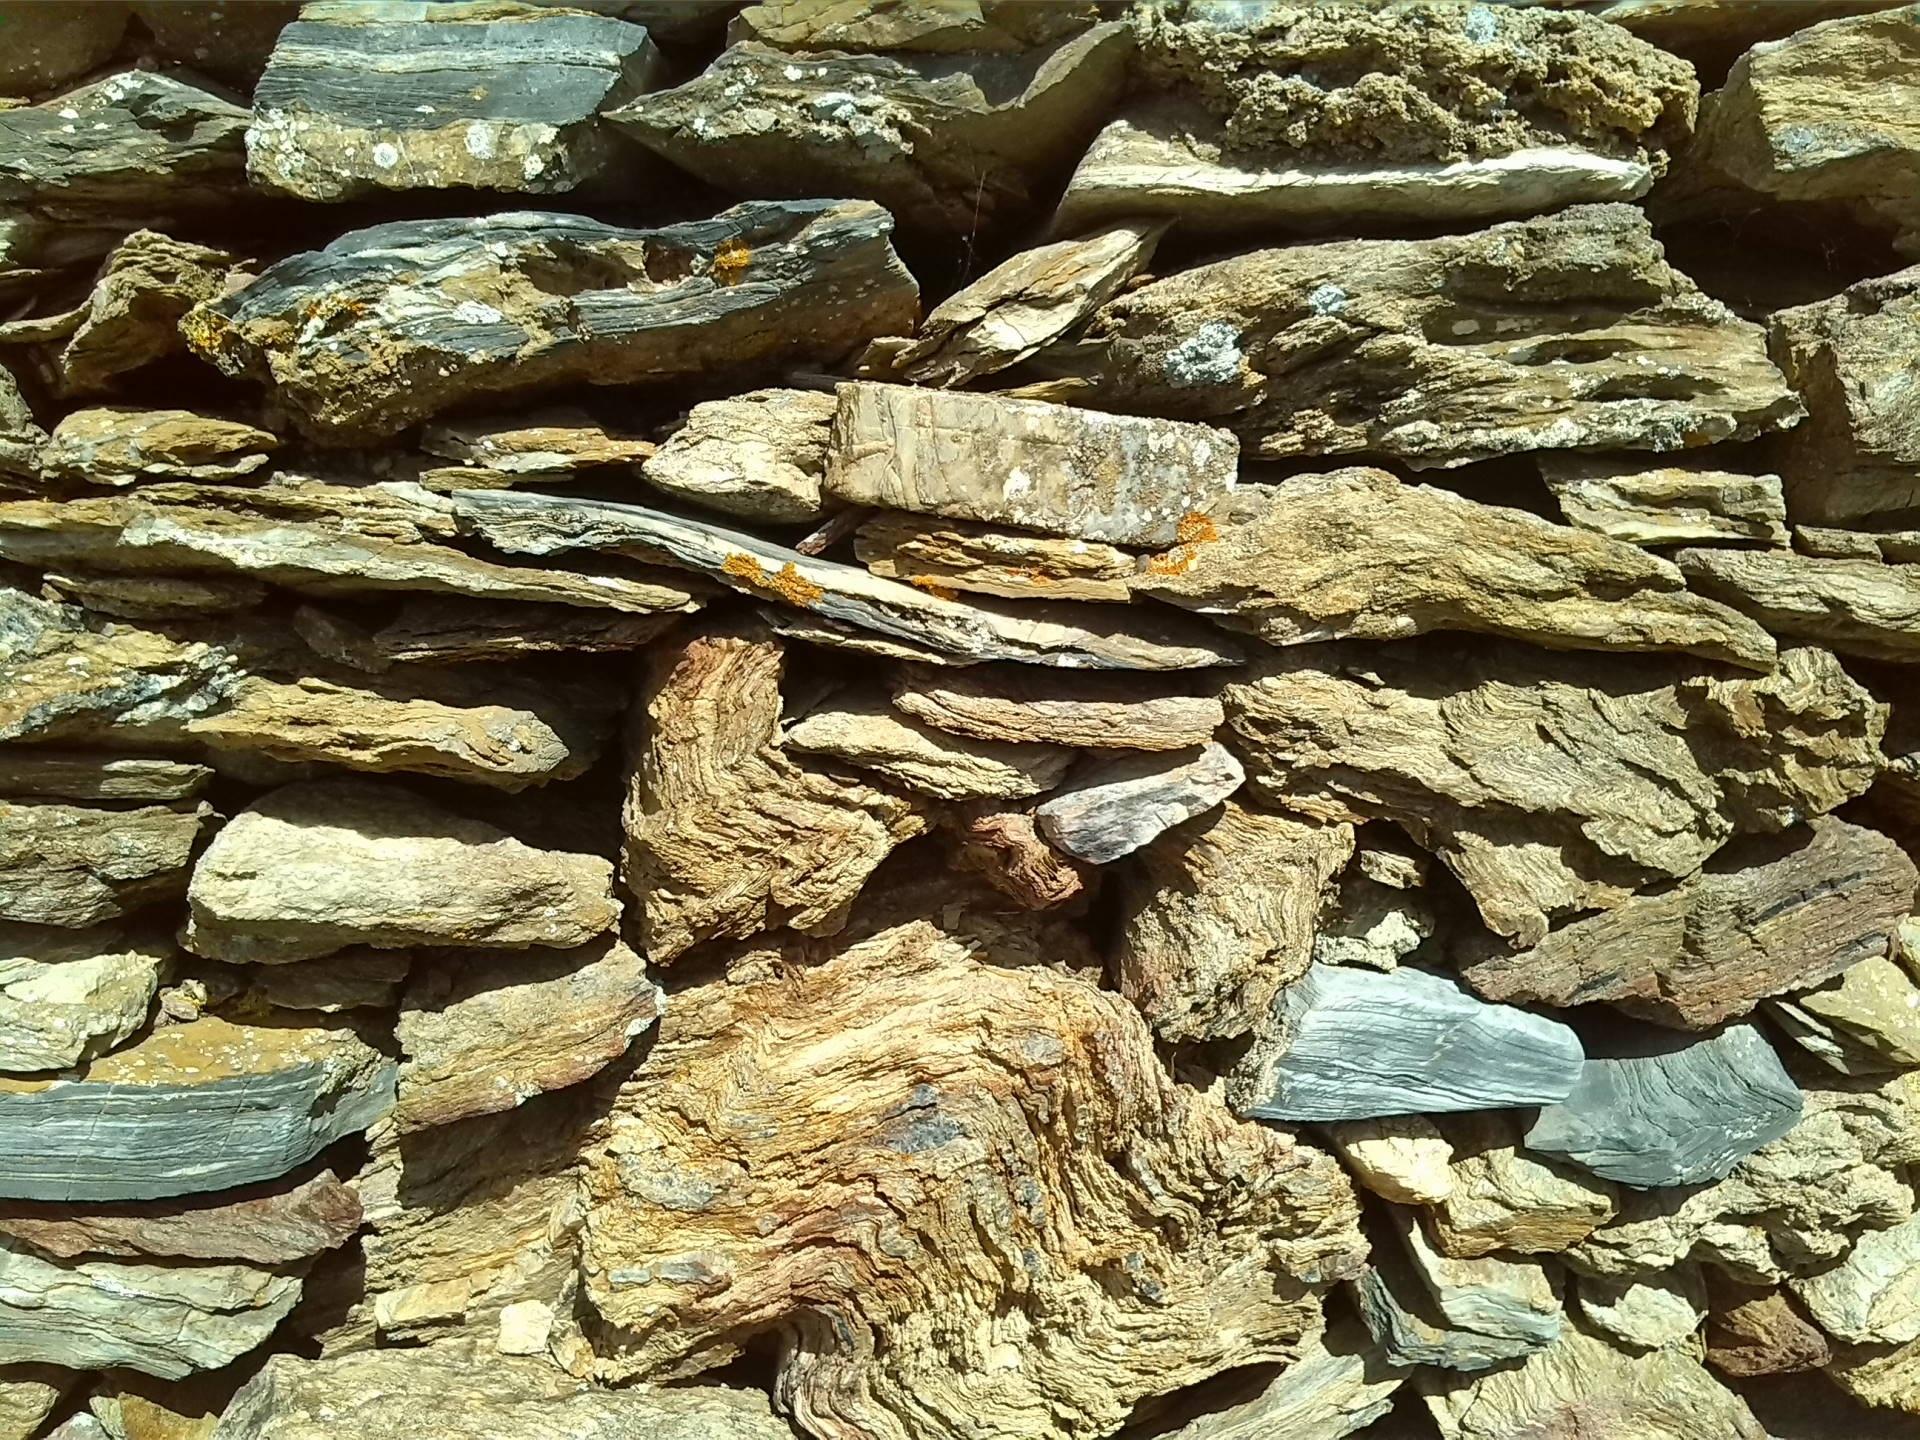 Картинки камней горных пород